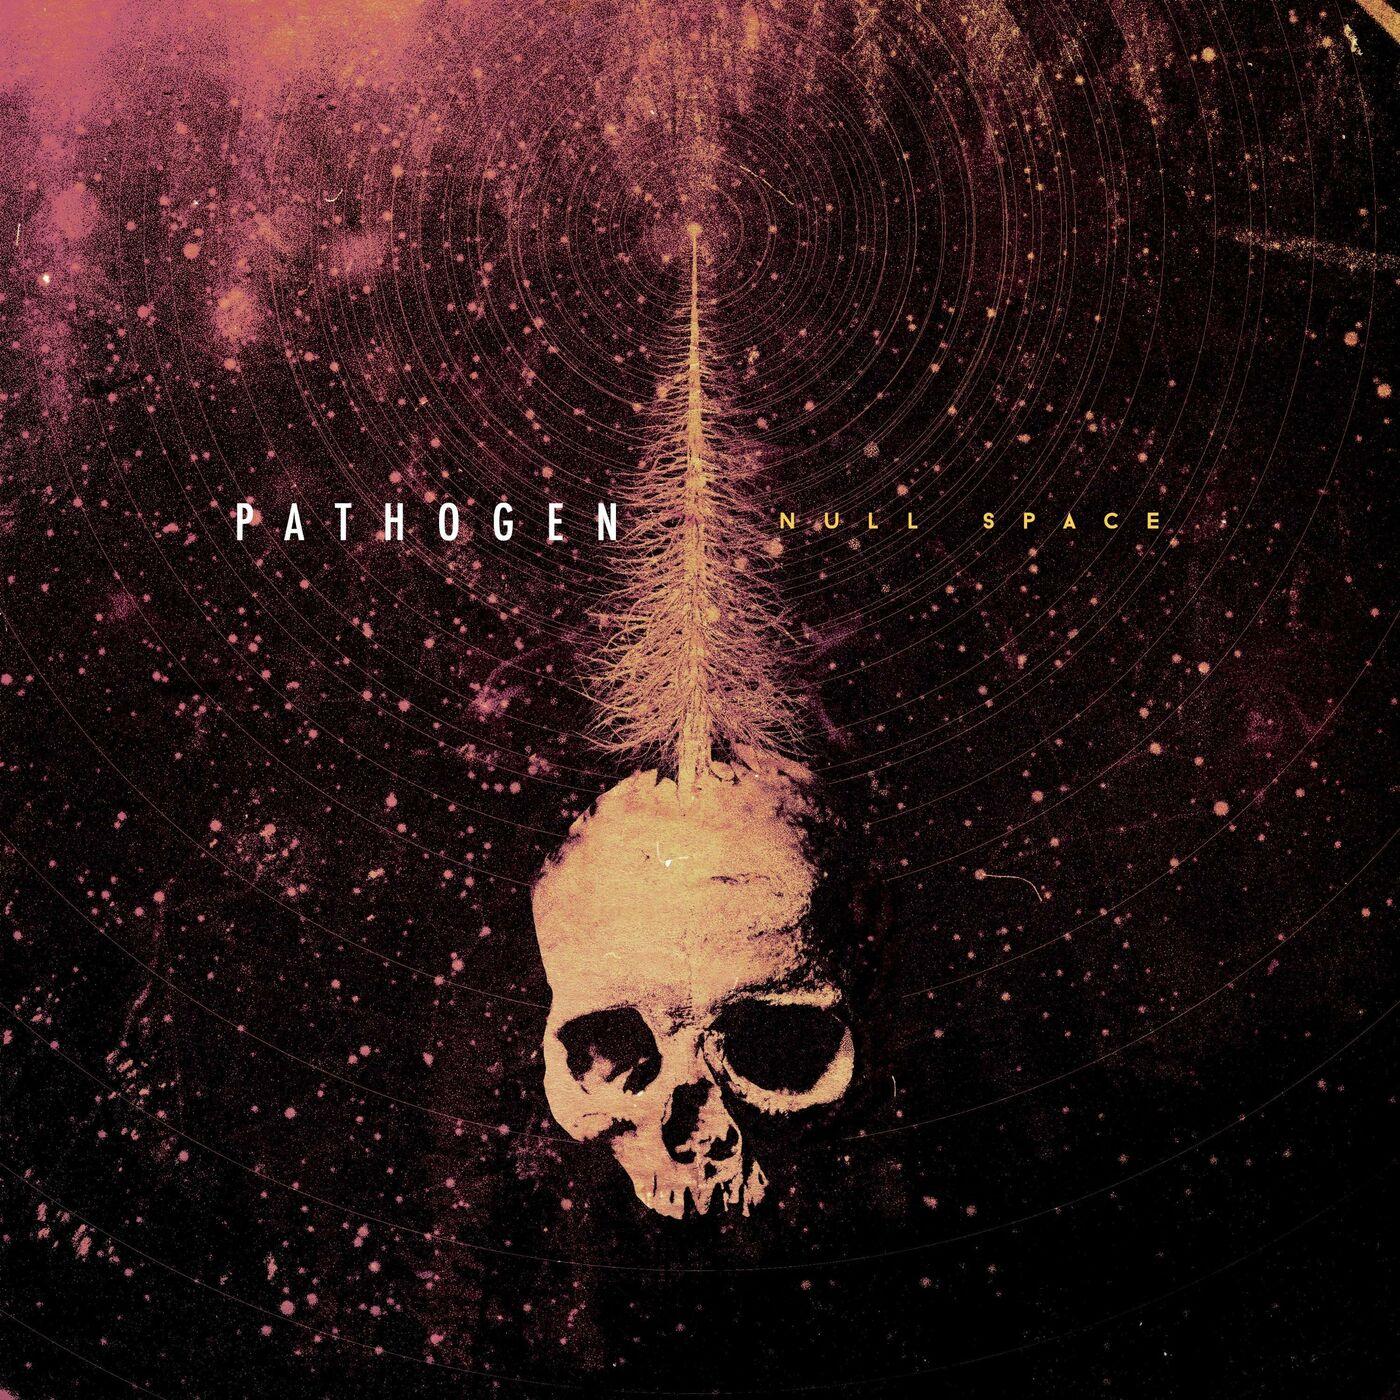 Pathogen - Null Space (2020)